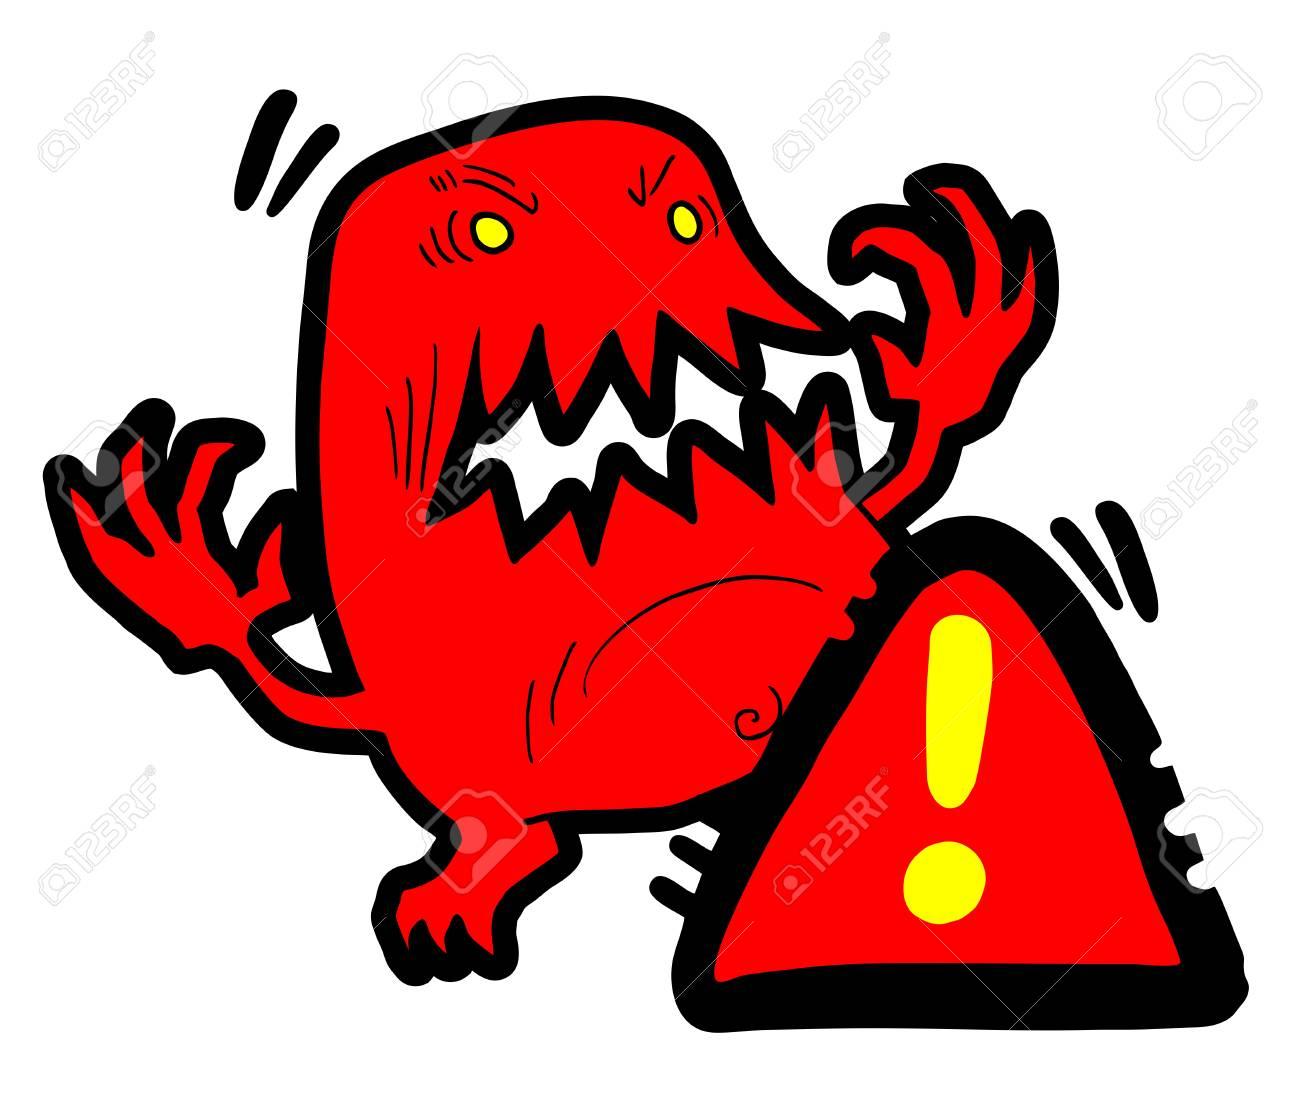 Alarm advise Stock Vector - 22394048